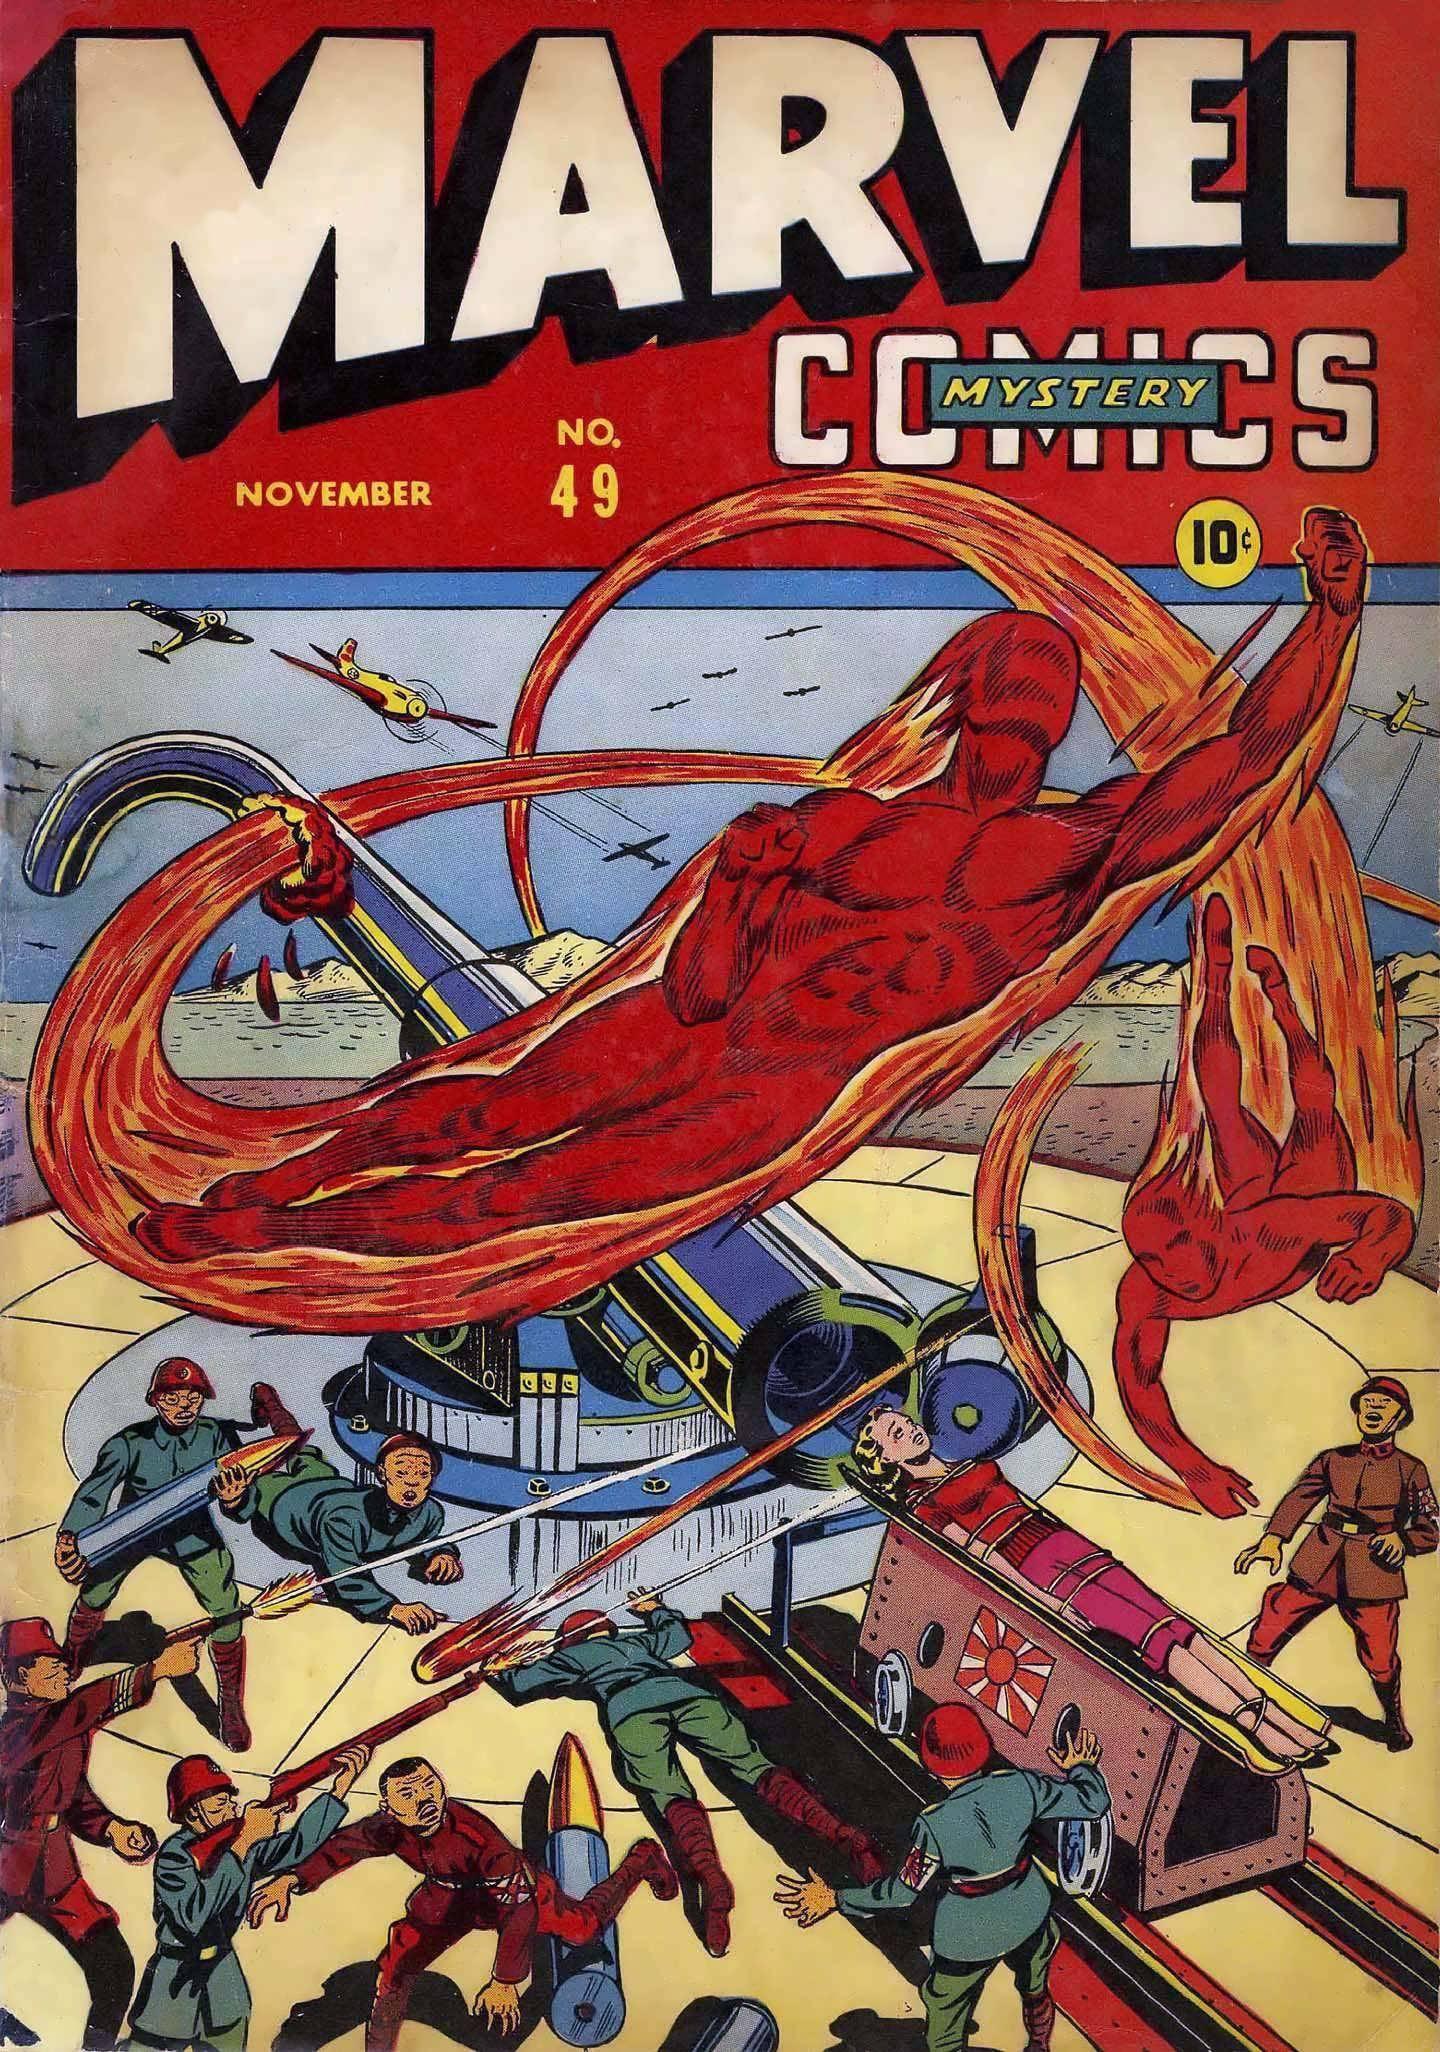 Marvel Mystery Comics v1 049 1943